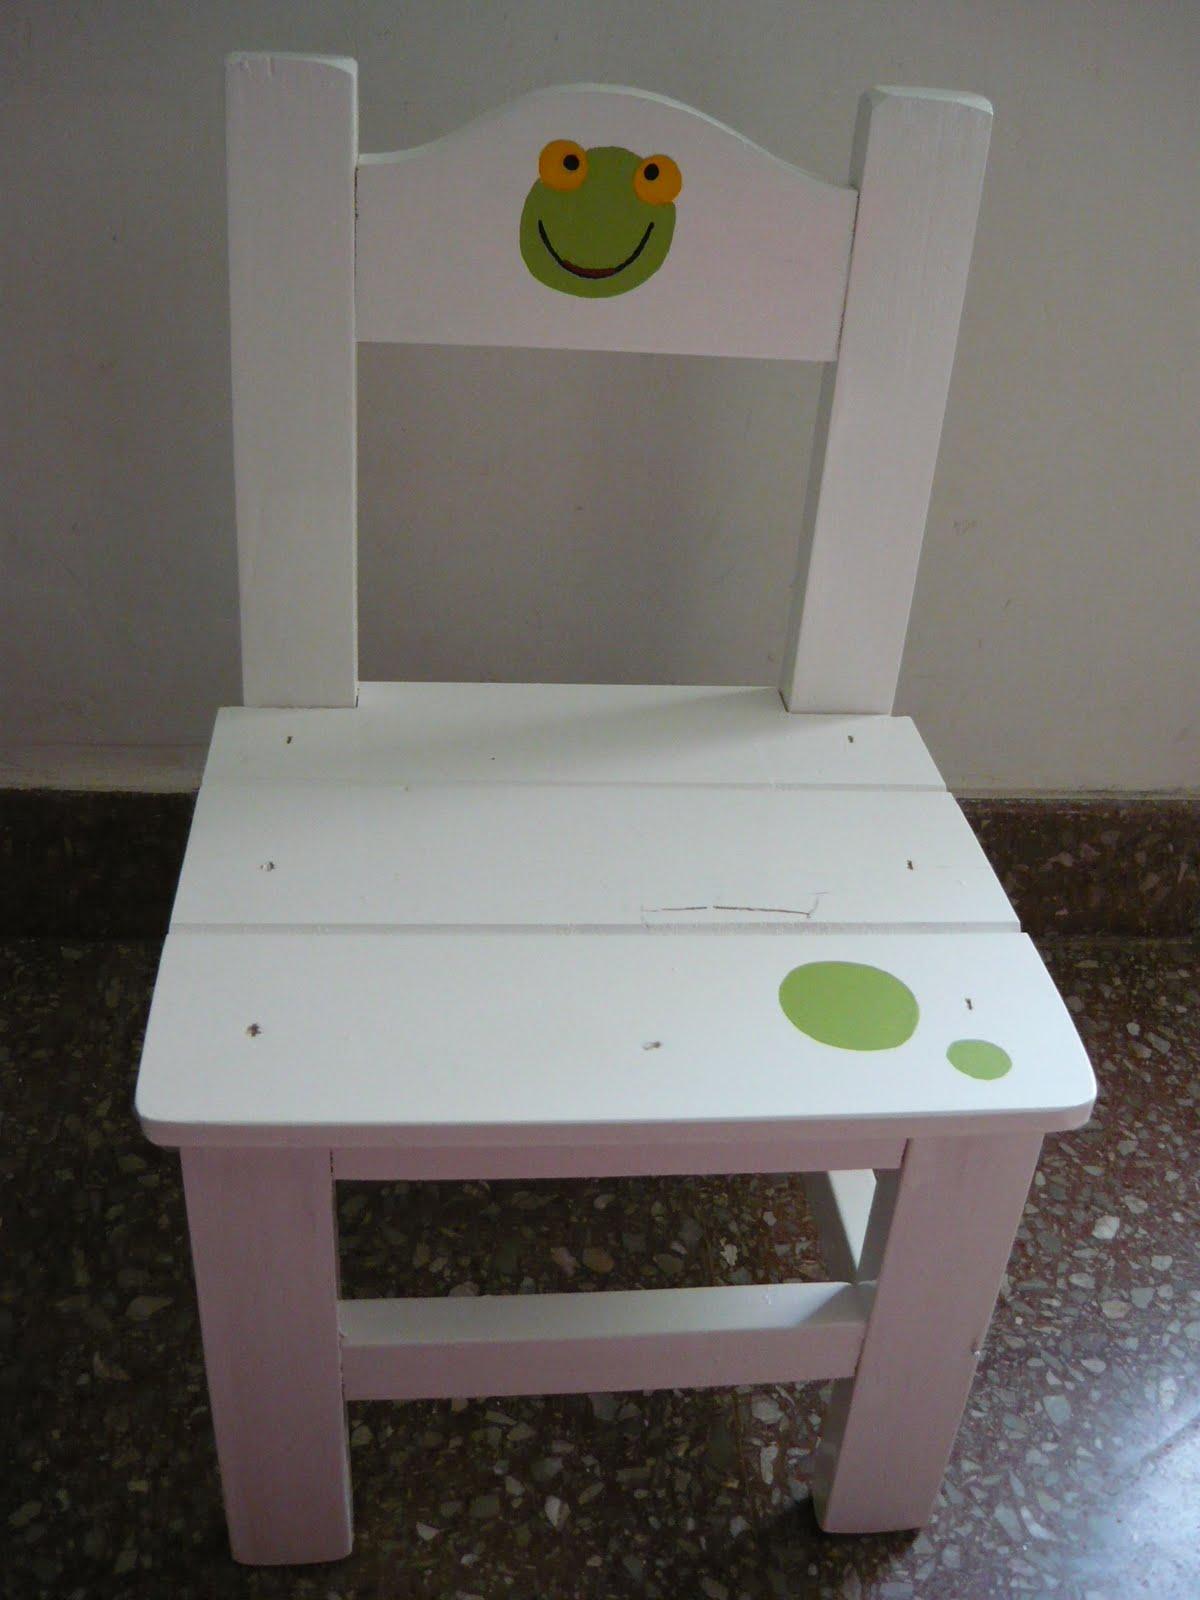 Souvenires y artesanias mesita y sillita para ni os - Mesita con sillas infantiles ...